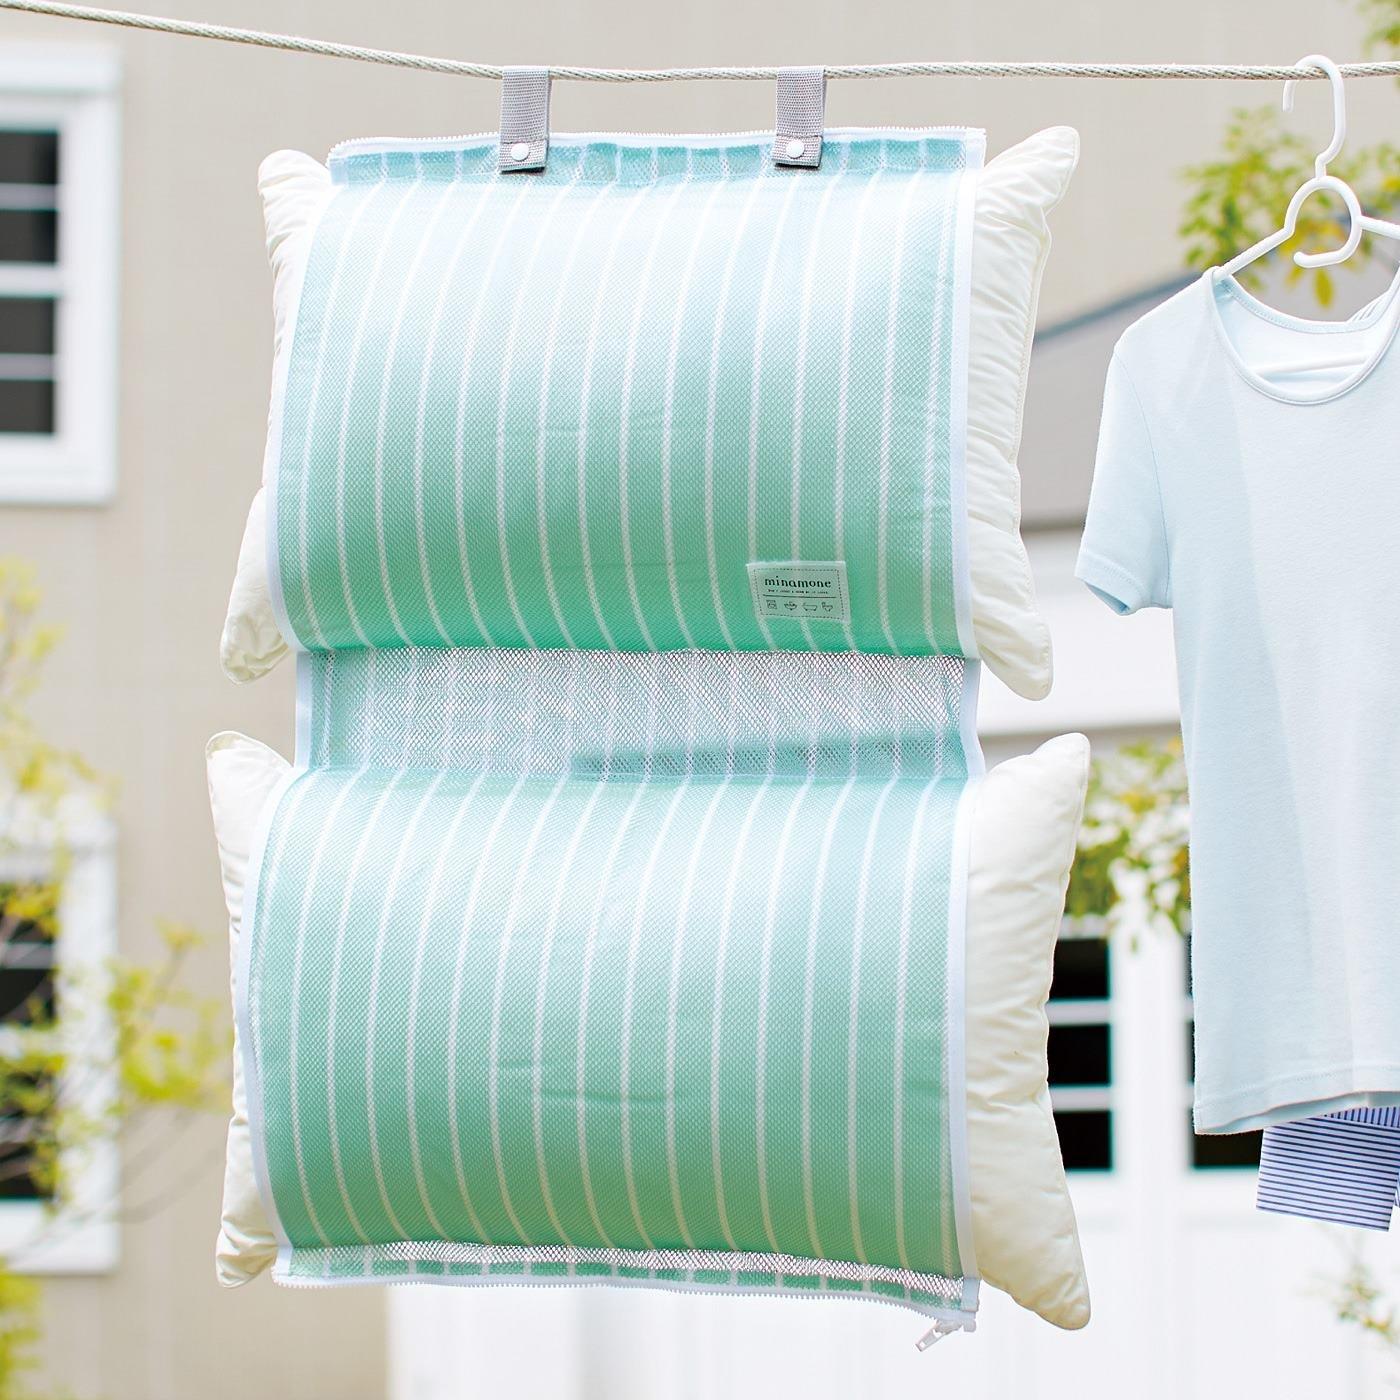 洗った後はそのまま干せる 簡単便利な枕洗濯ネットの会